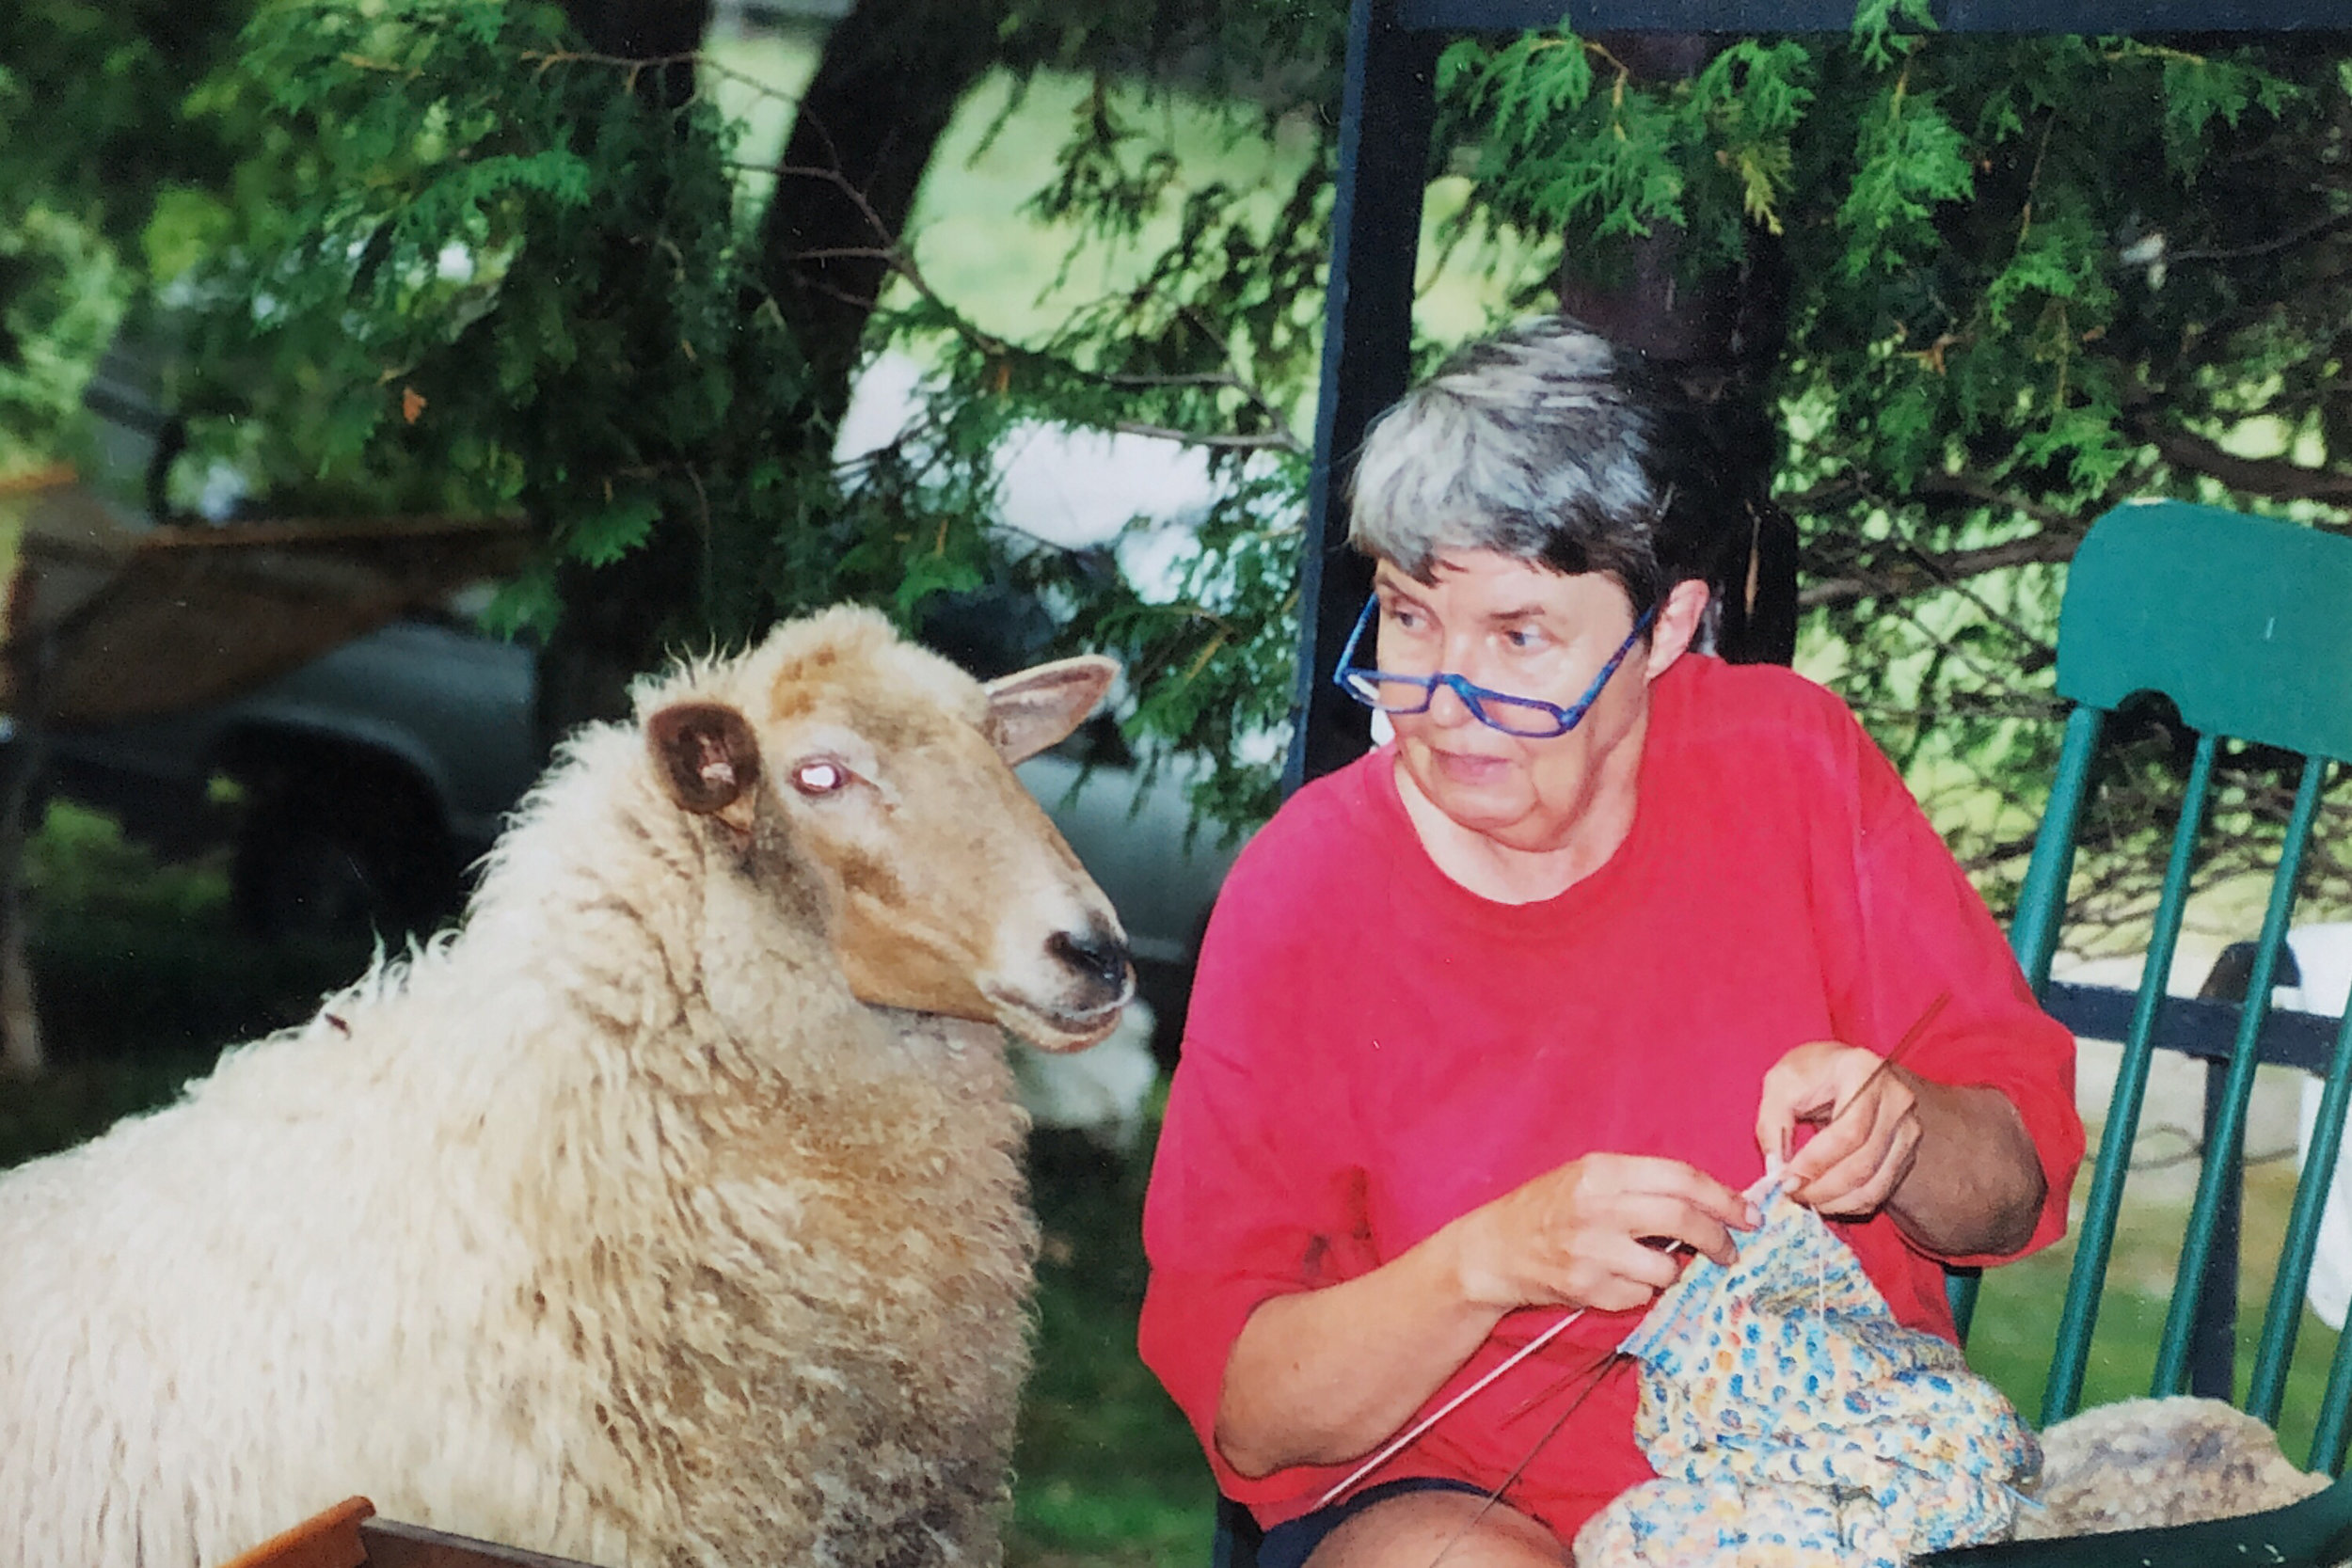 Sheep Maie IMG_50CEC26724E9-1.jpeg